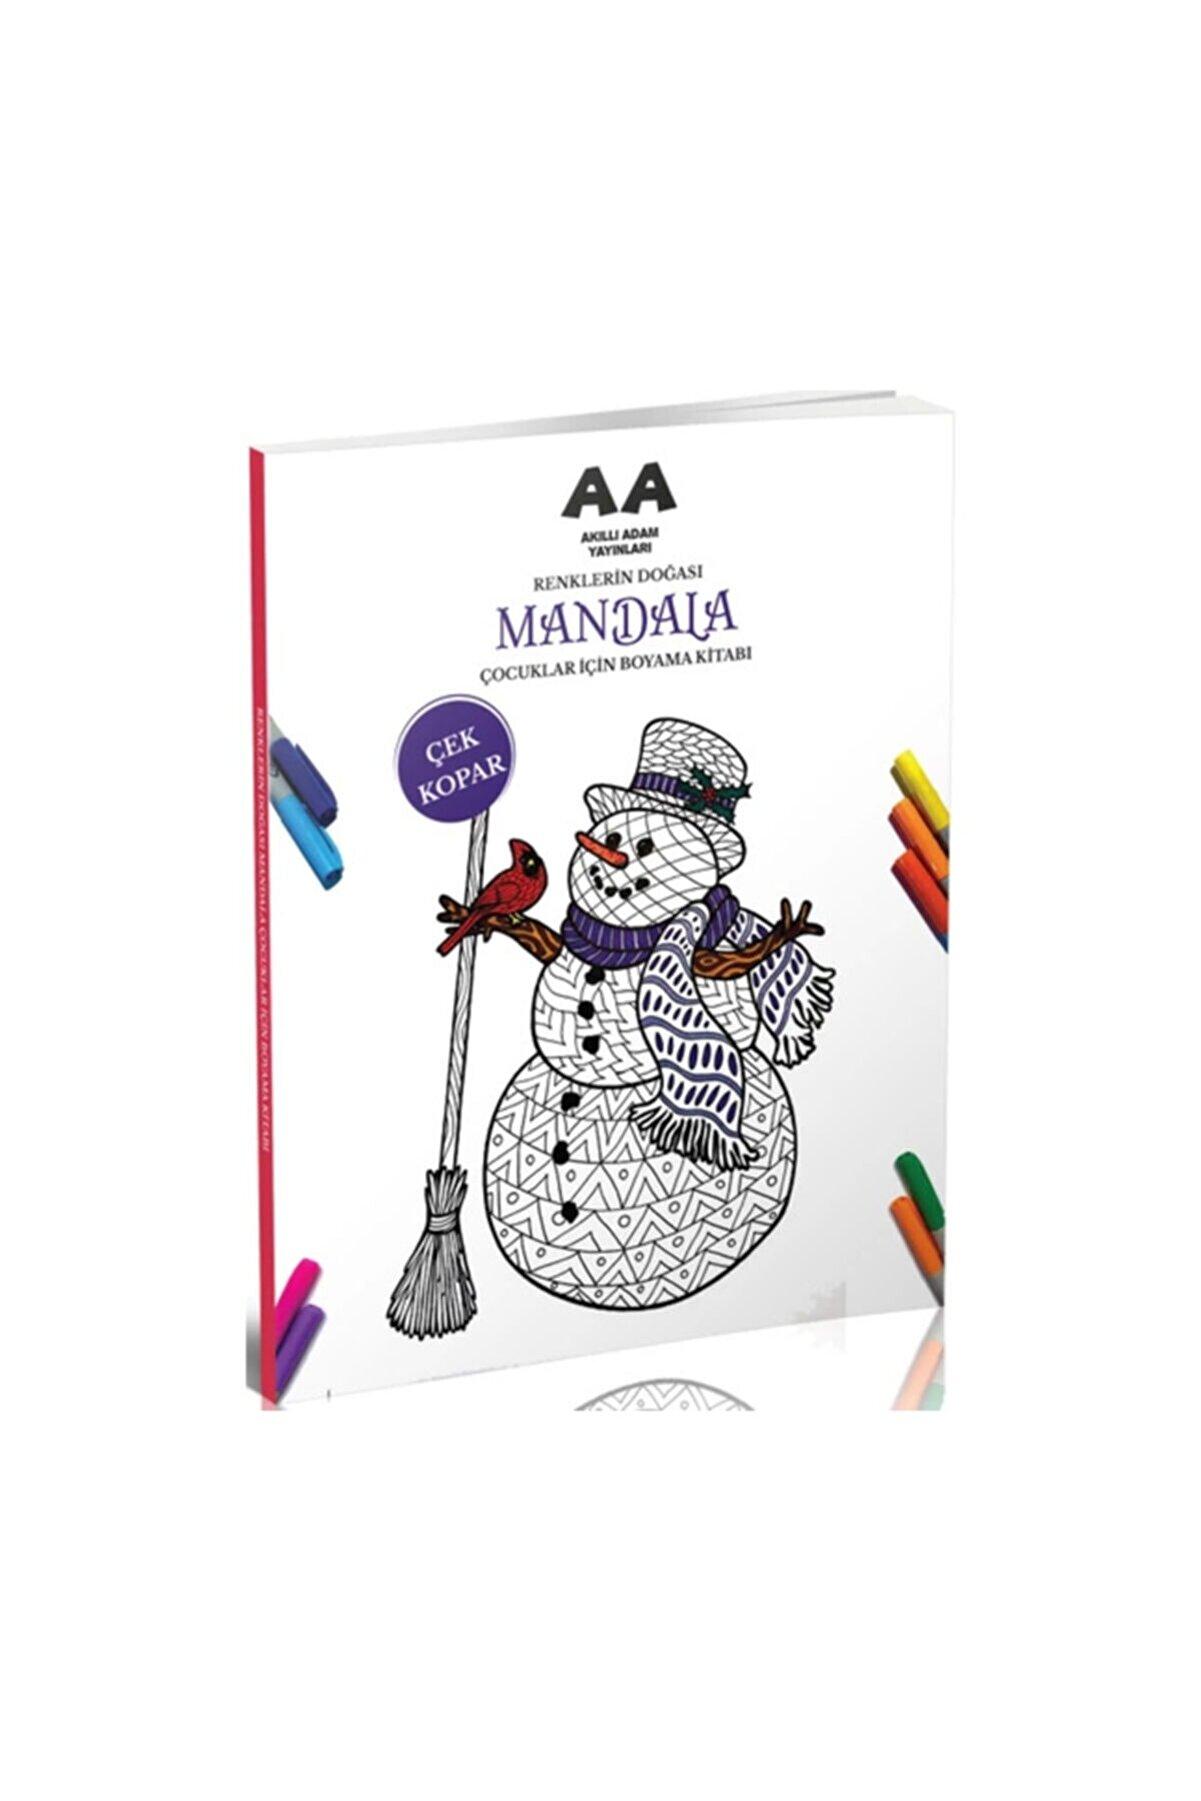 Akıllı Adam Yayınları Mandala Renklerin Doğası Çocuklar Için Boyama Kitabı